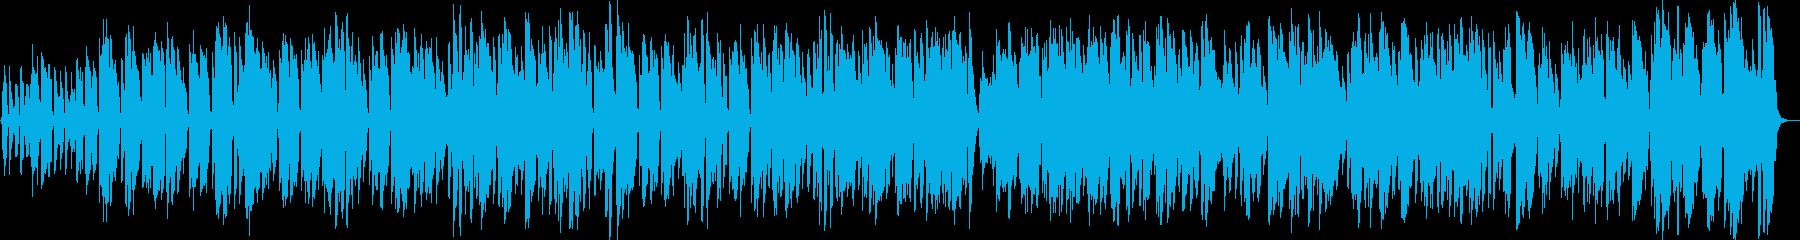 ギターに合わせた軽快な口笛ポップスの再生済みの波形